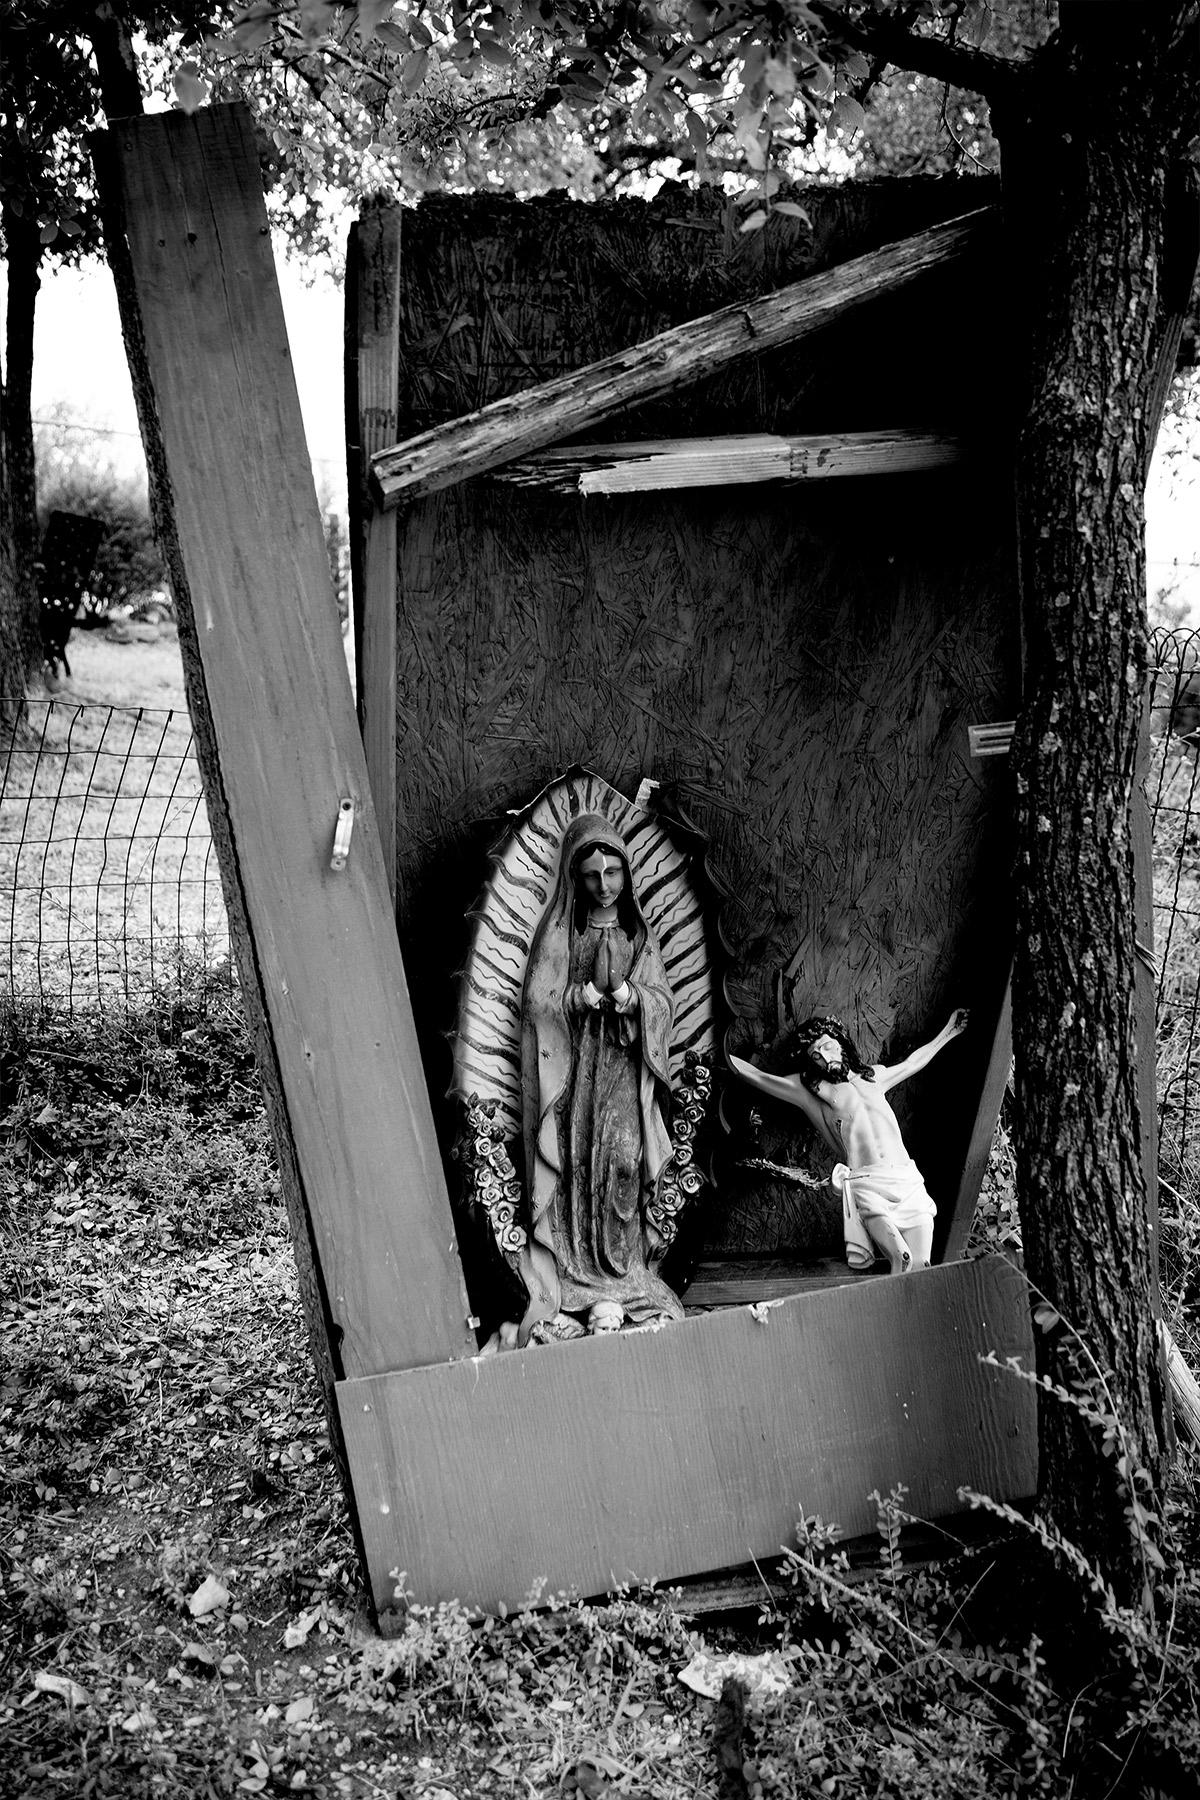 Campo Santos de Cemento Grande shrine to La Virgen de Guadalupe